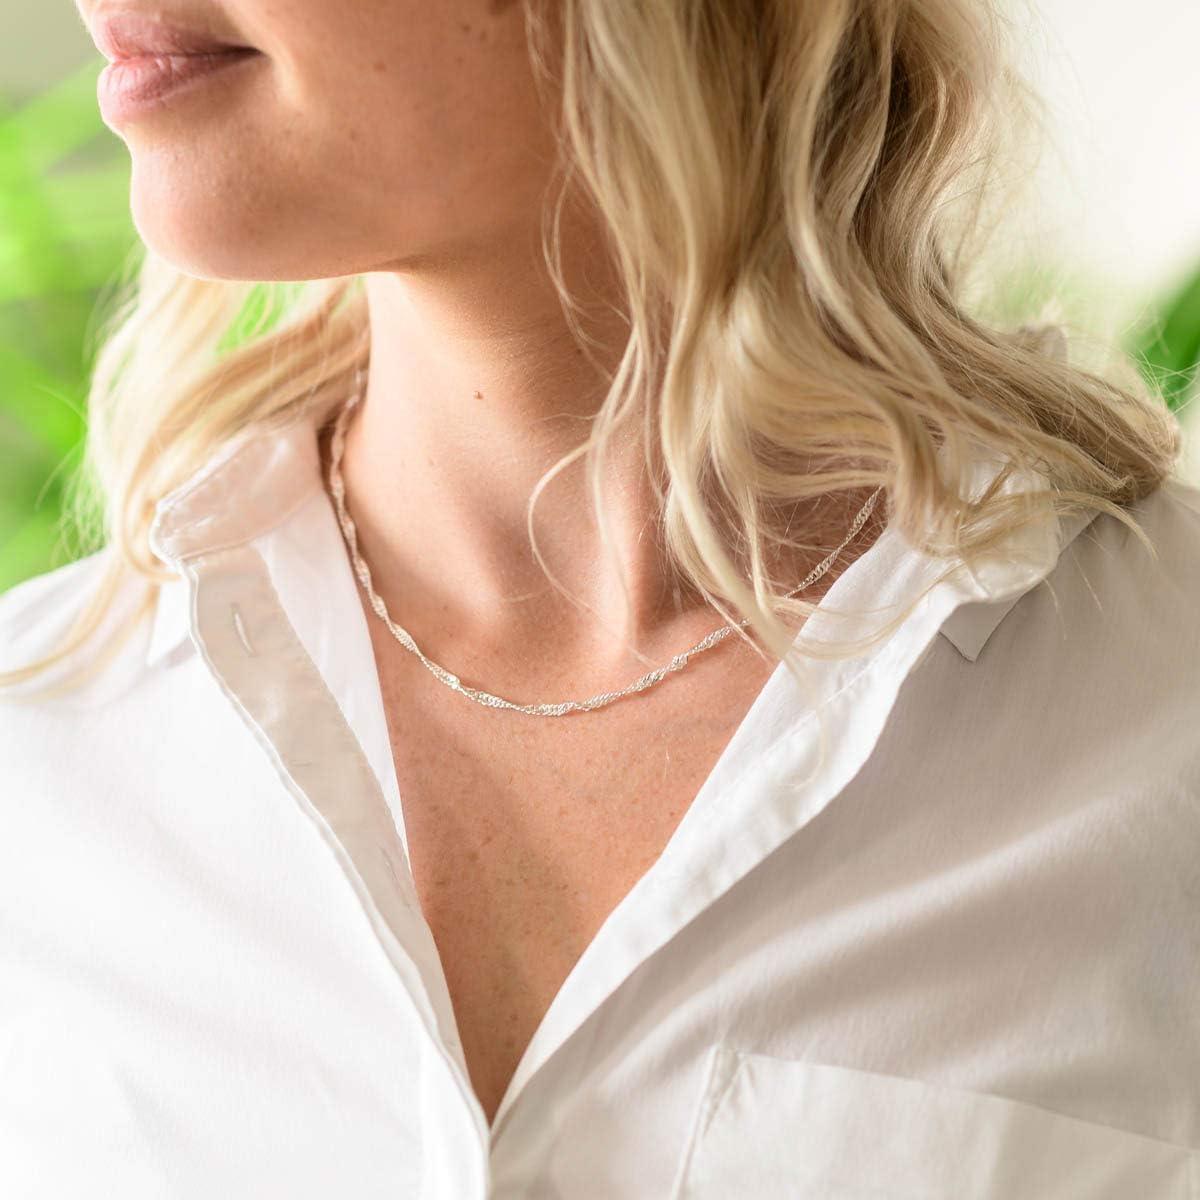 3mm Halskette Frauen flach diamantiert K95 MATERIA Feine Singapurkette 925 Silber Kette Damen